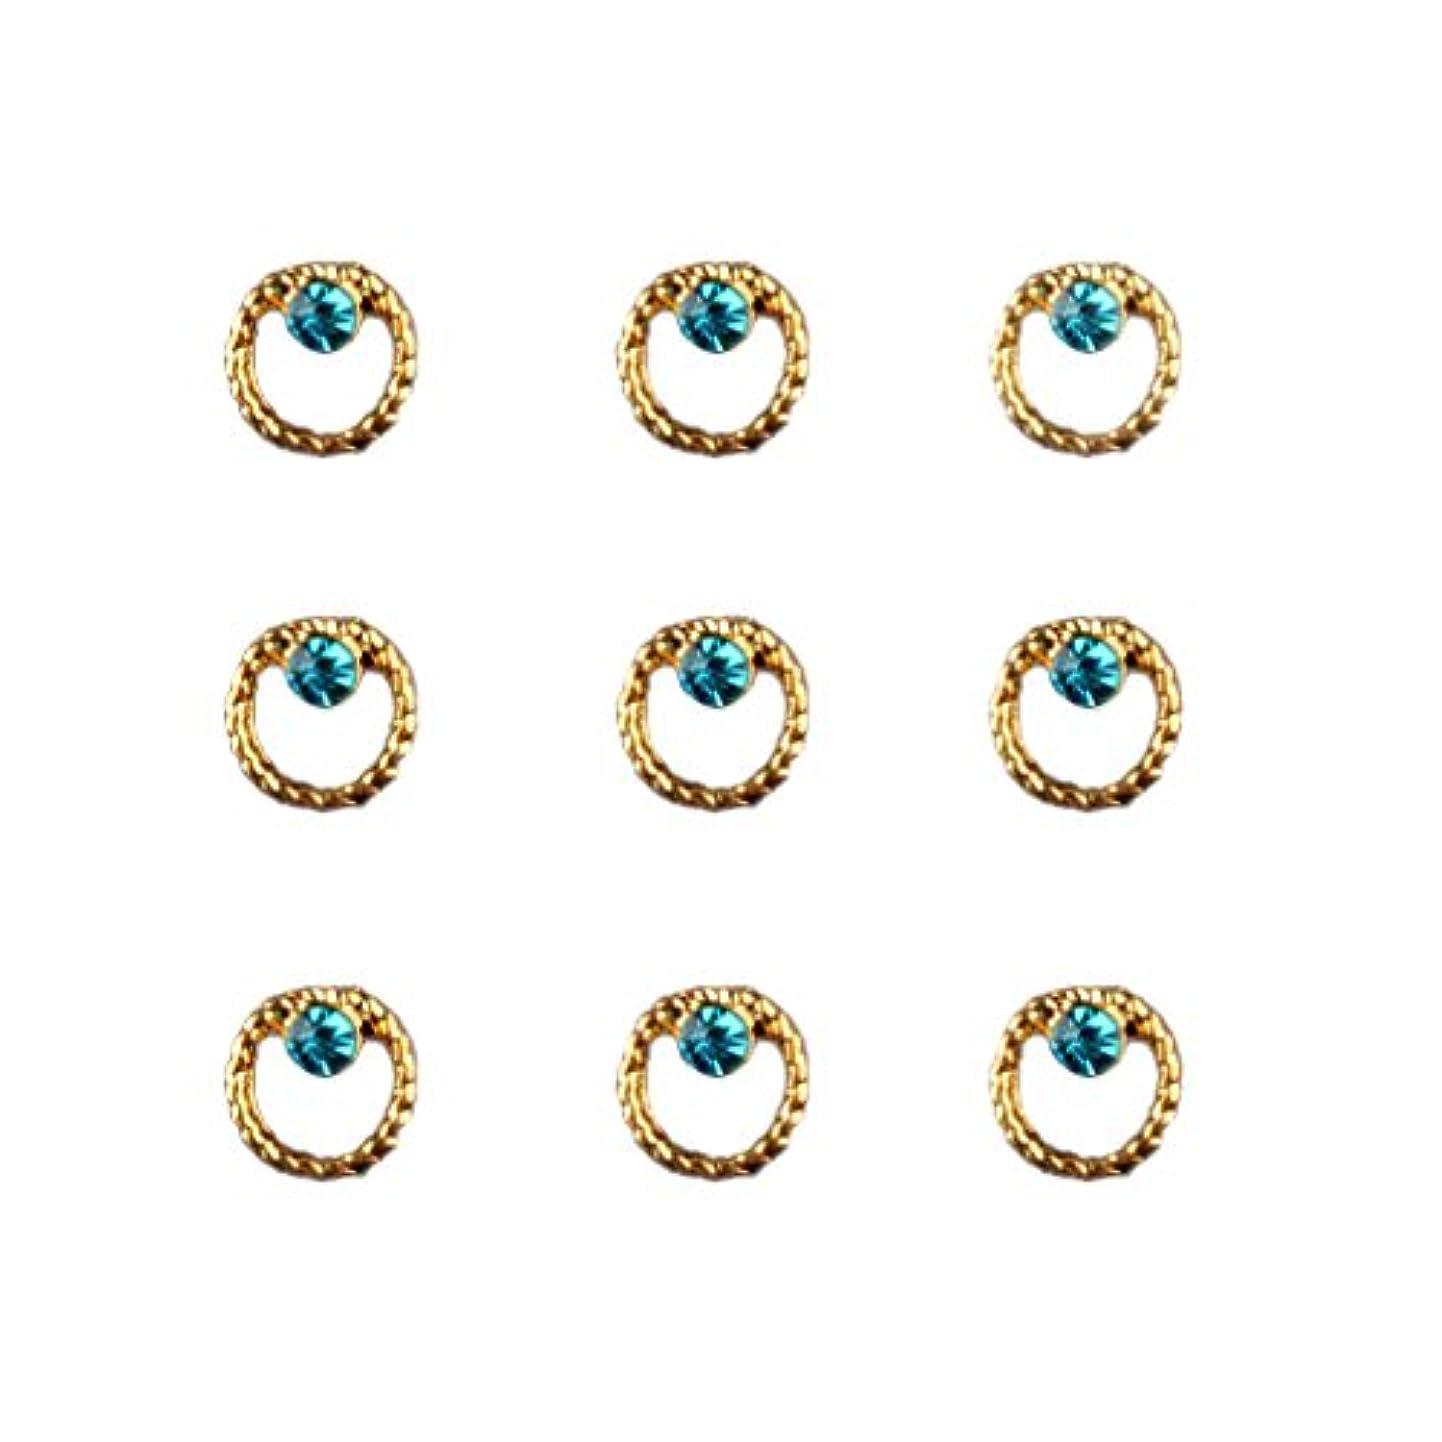 グロー信者不毛Toygogo 20ピース/個3Dネイルアートのヒントマニキュア用ステッカーデコレーションチャーム - タイプ1